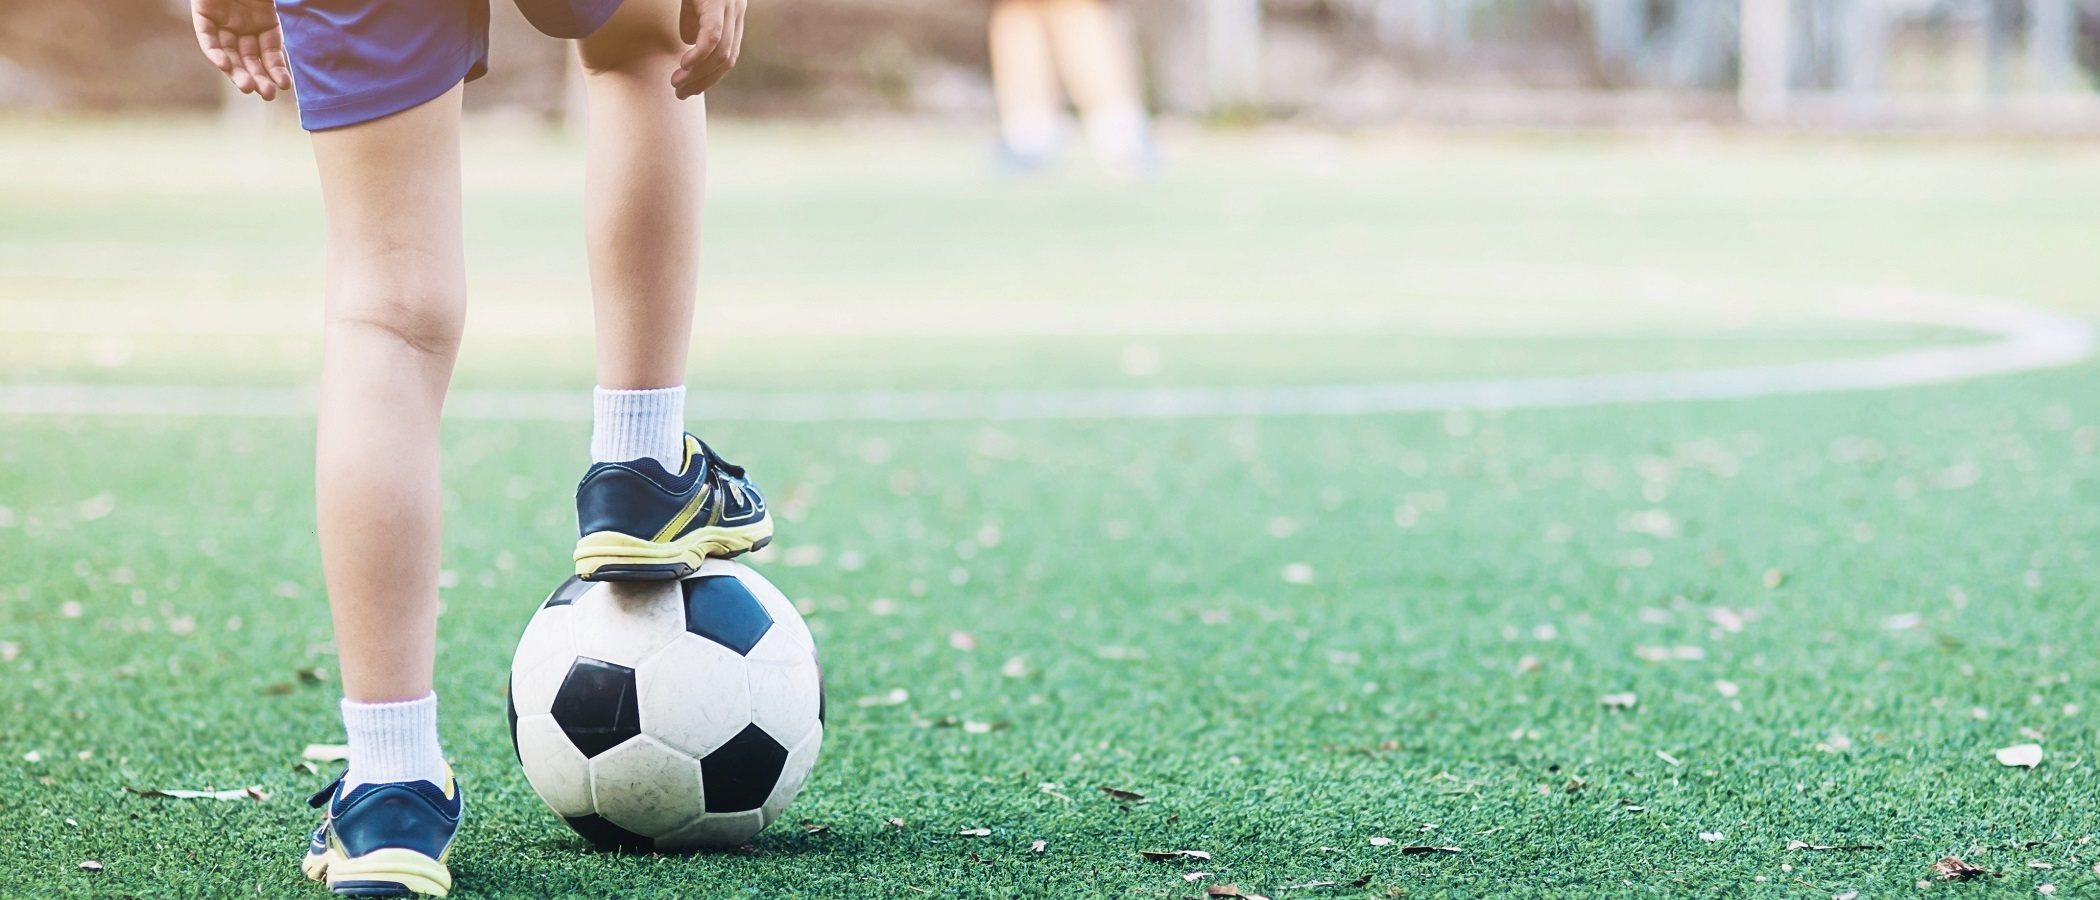 Consejos para eliminar el mal olor de los pies de los niños